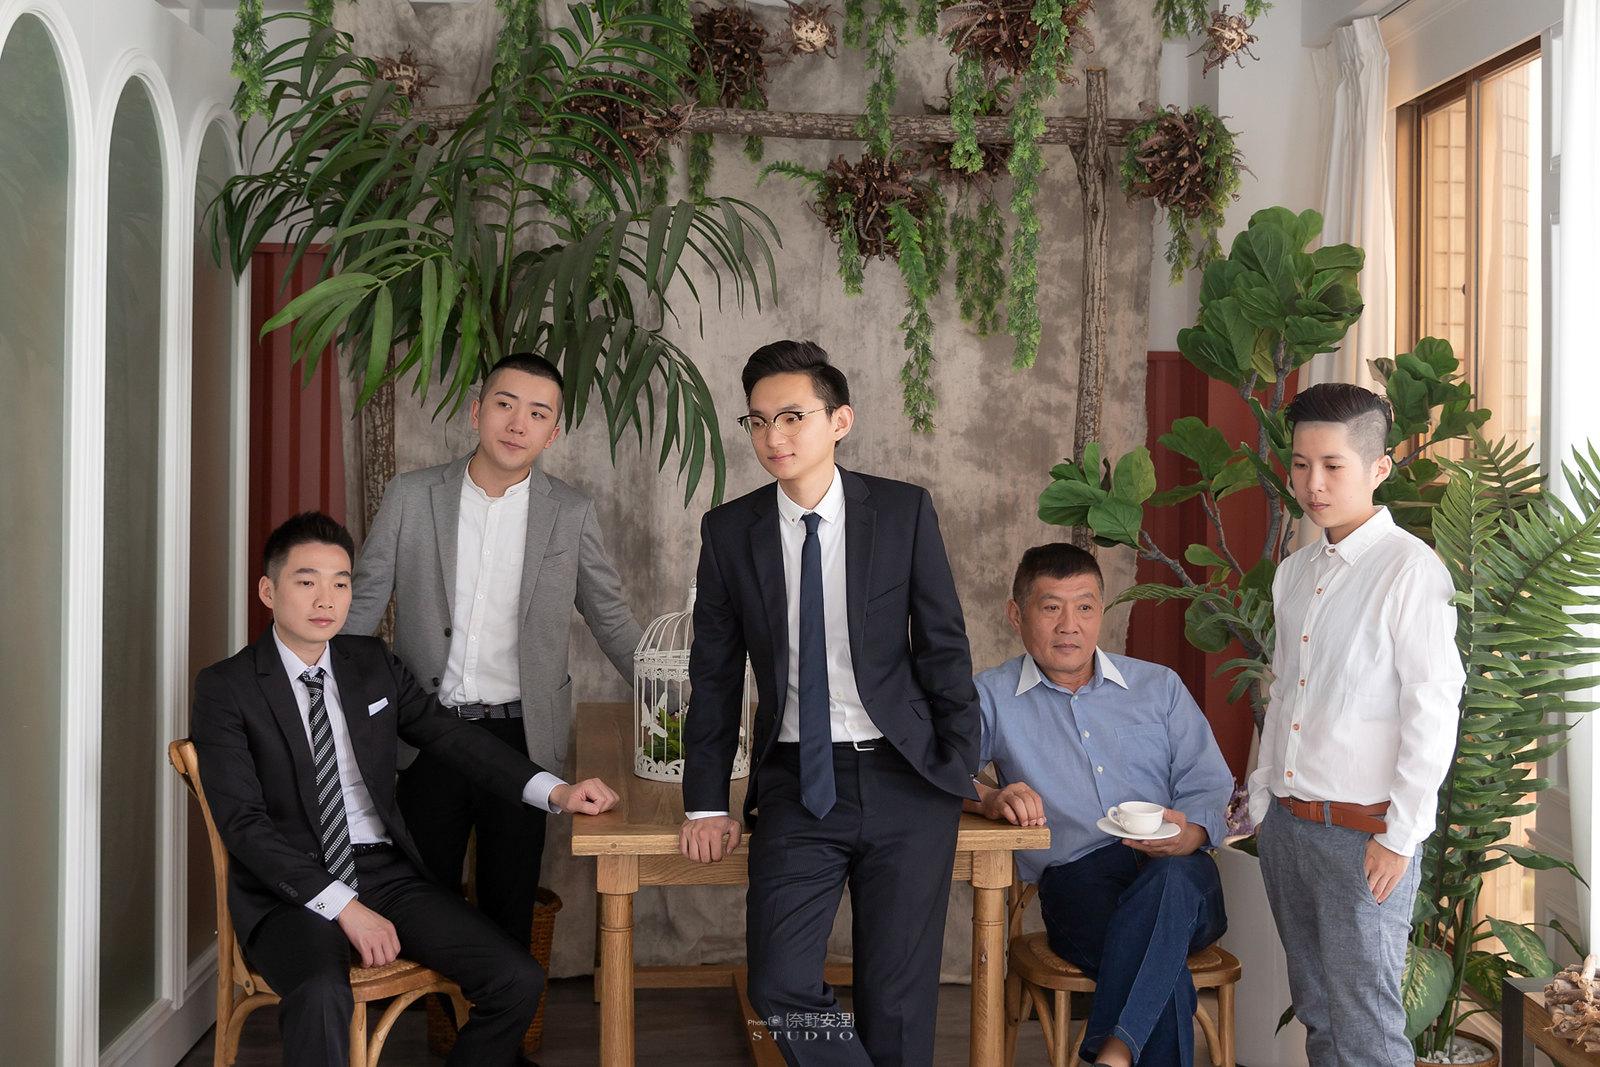 台南全家福 | 拋棄傳統合照的彆扭,忠實呈現家人間最親密的情感16